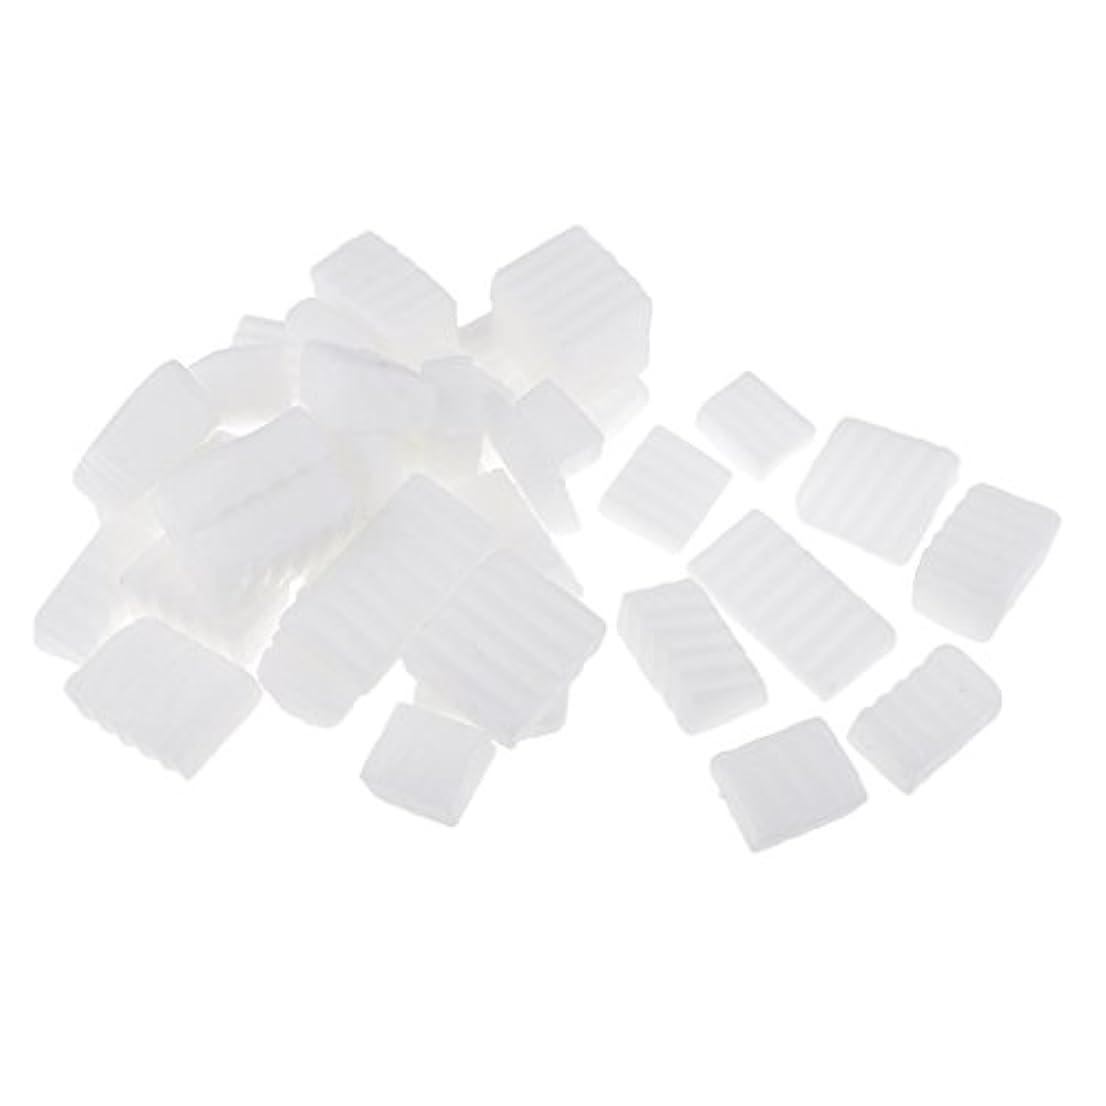 音声学キリスト教添加石鹸ベース DIY 手作り 石鹸 原料 1 KG 白い 手作り バス用品